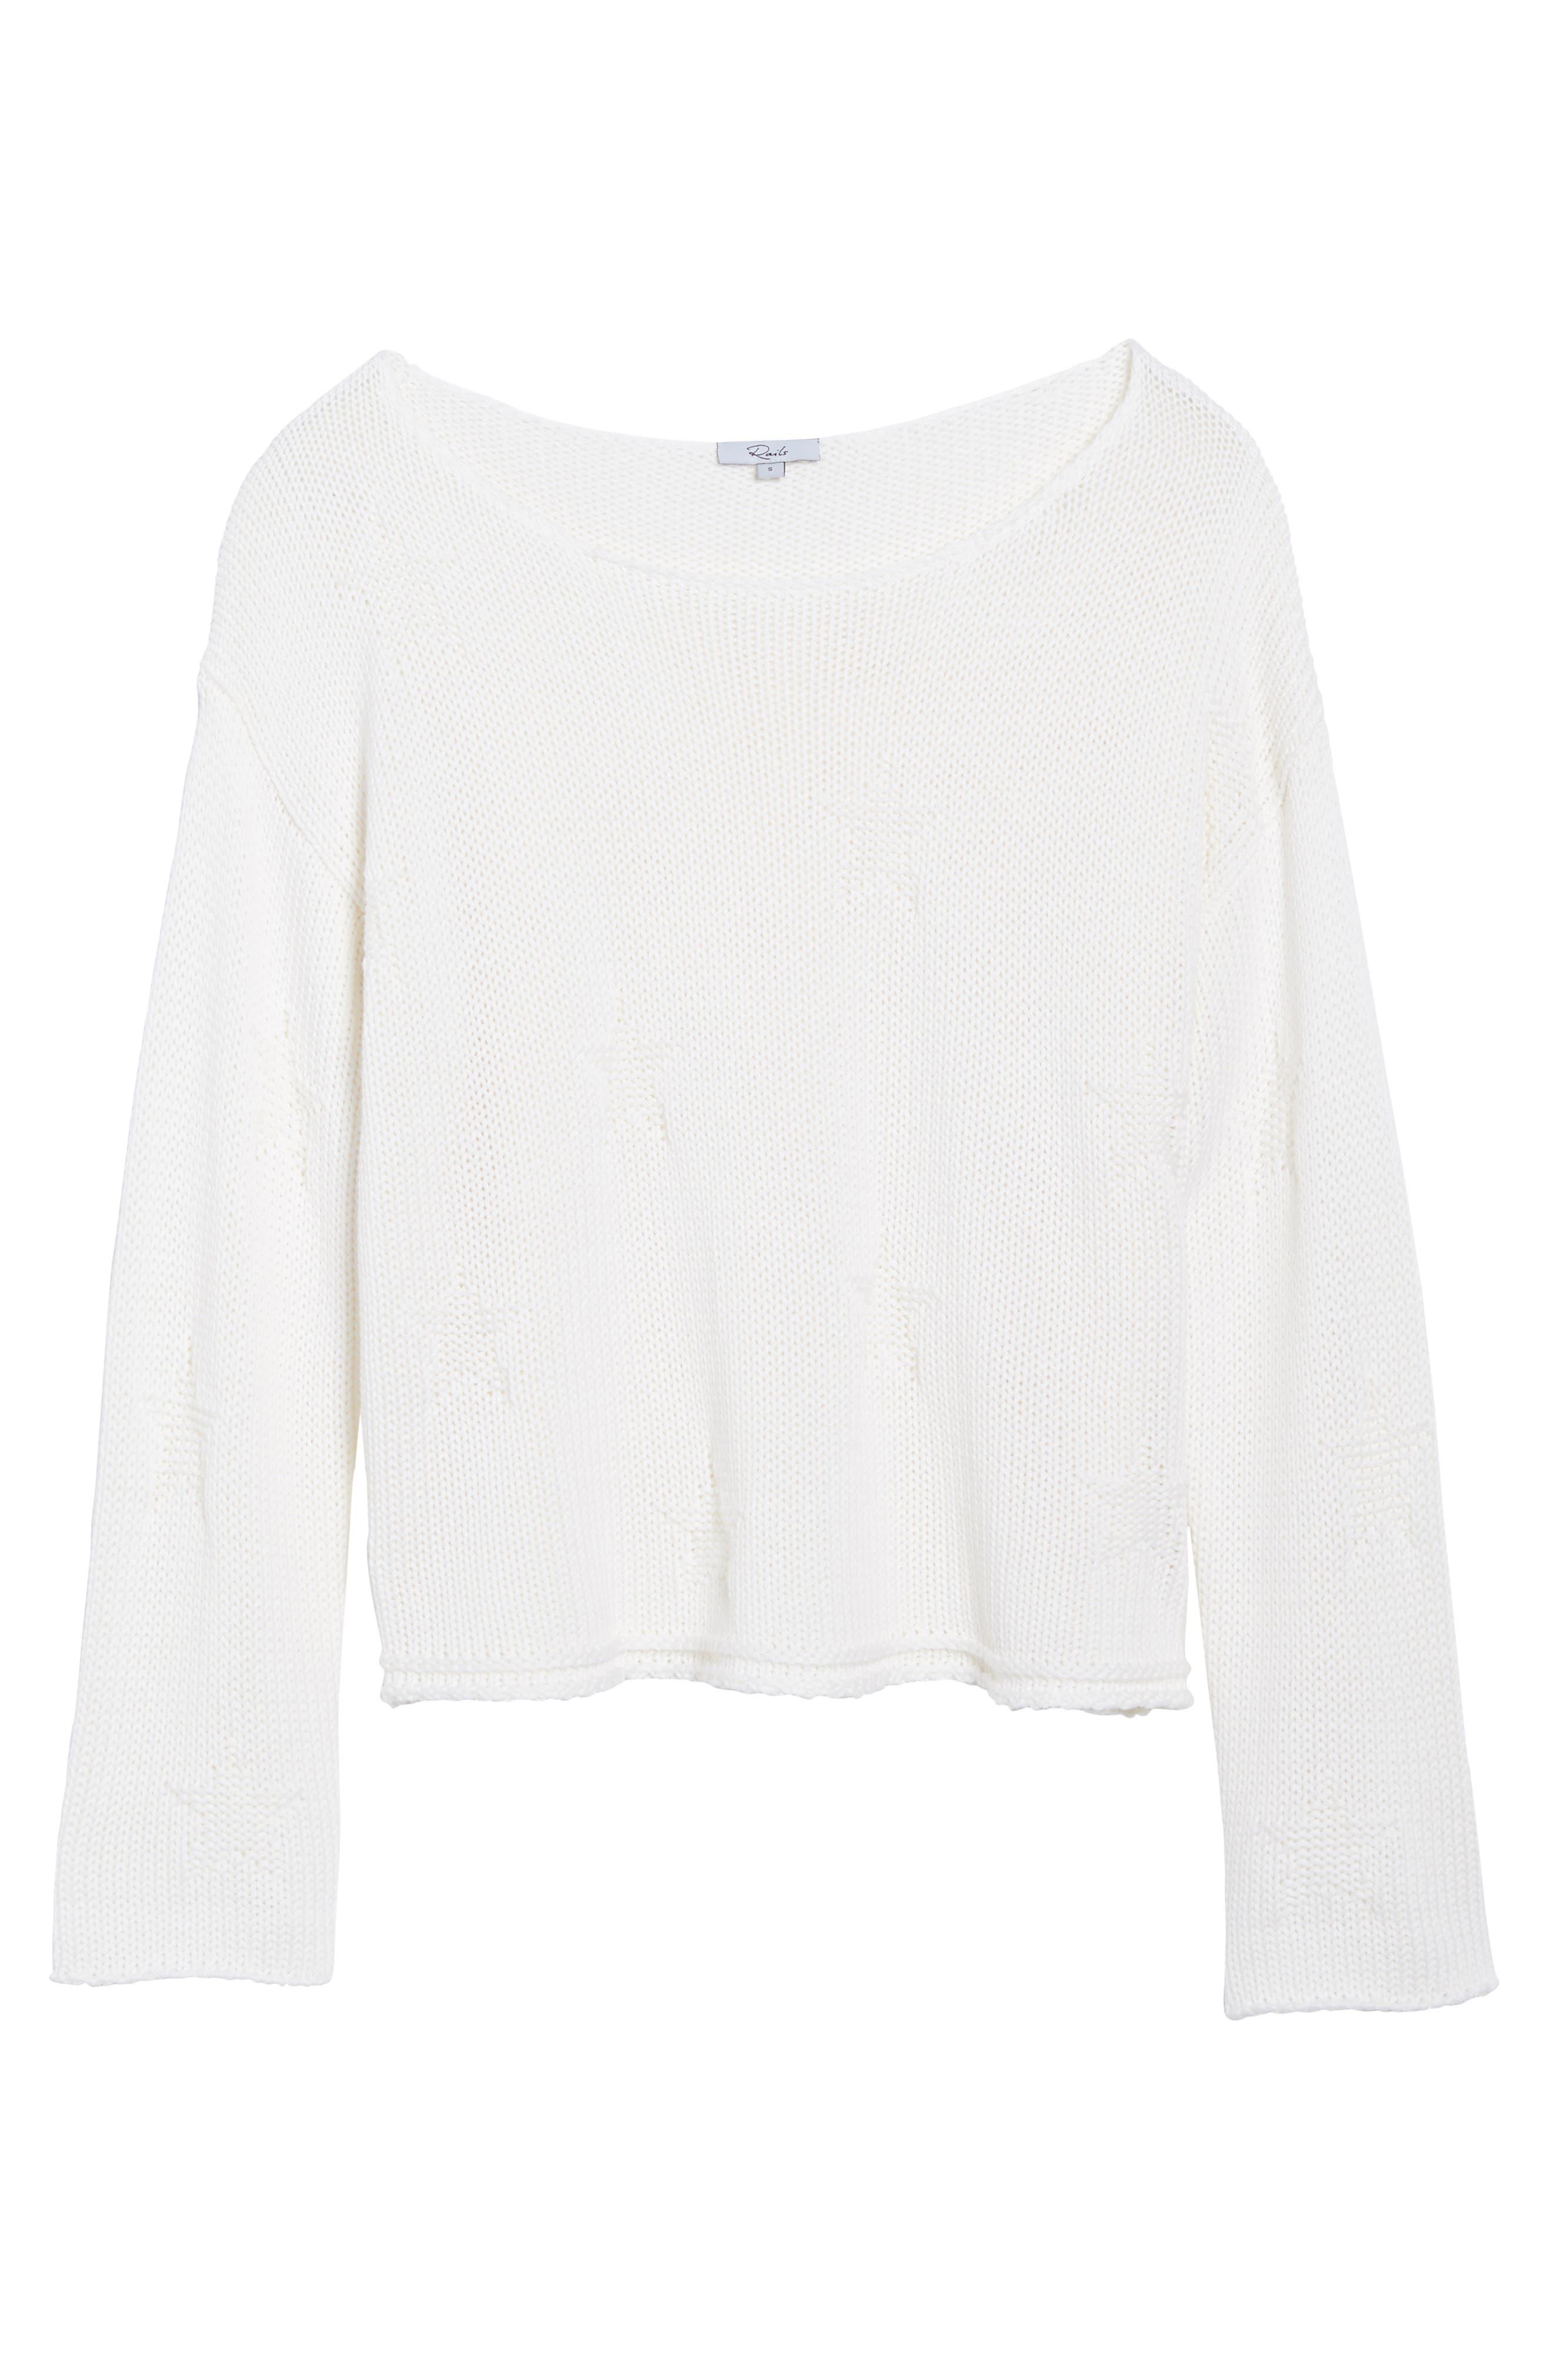 Kalani Star Sweater,                             Alternate thumbnail 6, color,